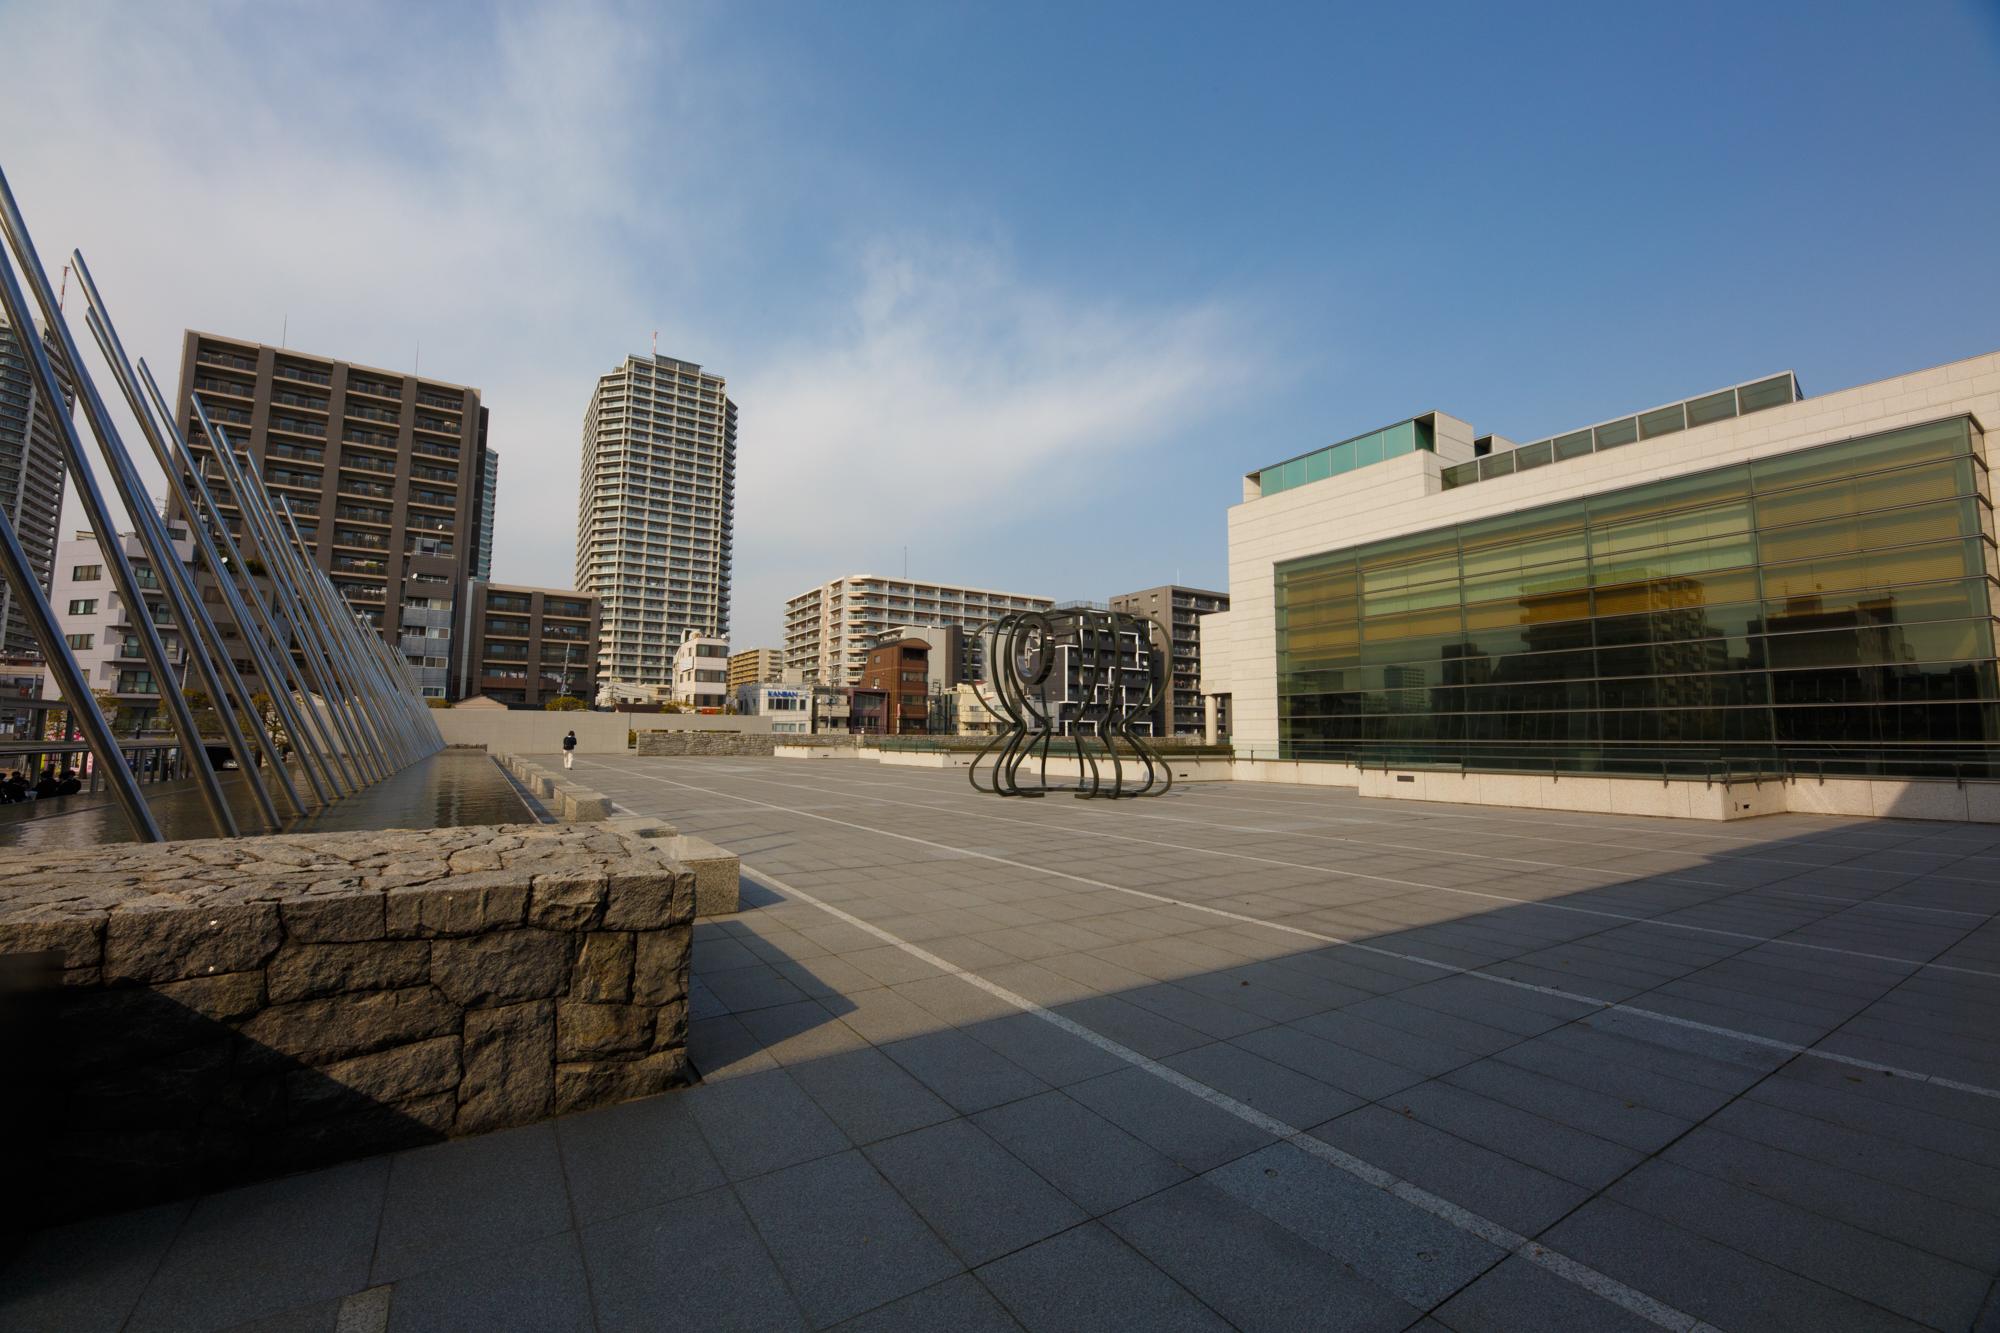 東京都現代美術館がリニューアル、親子で楽しめるアート施設へ